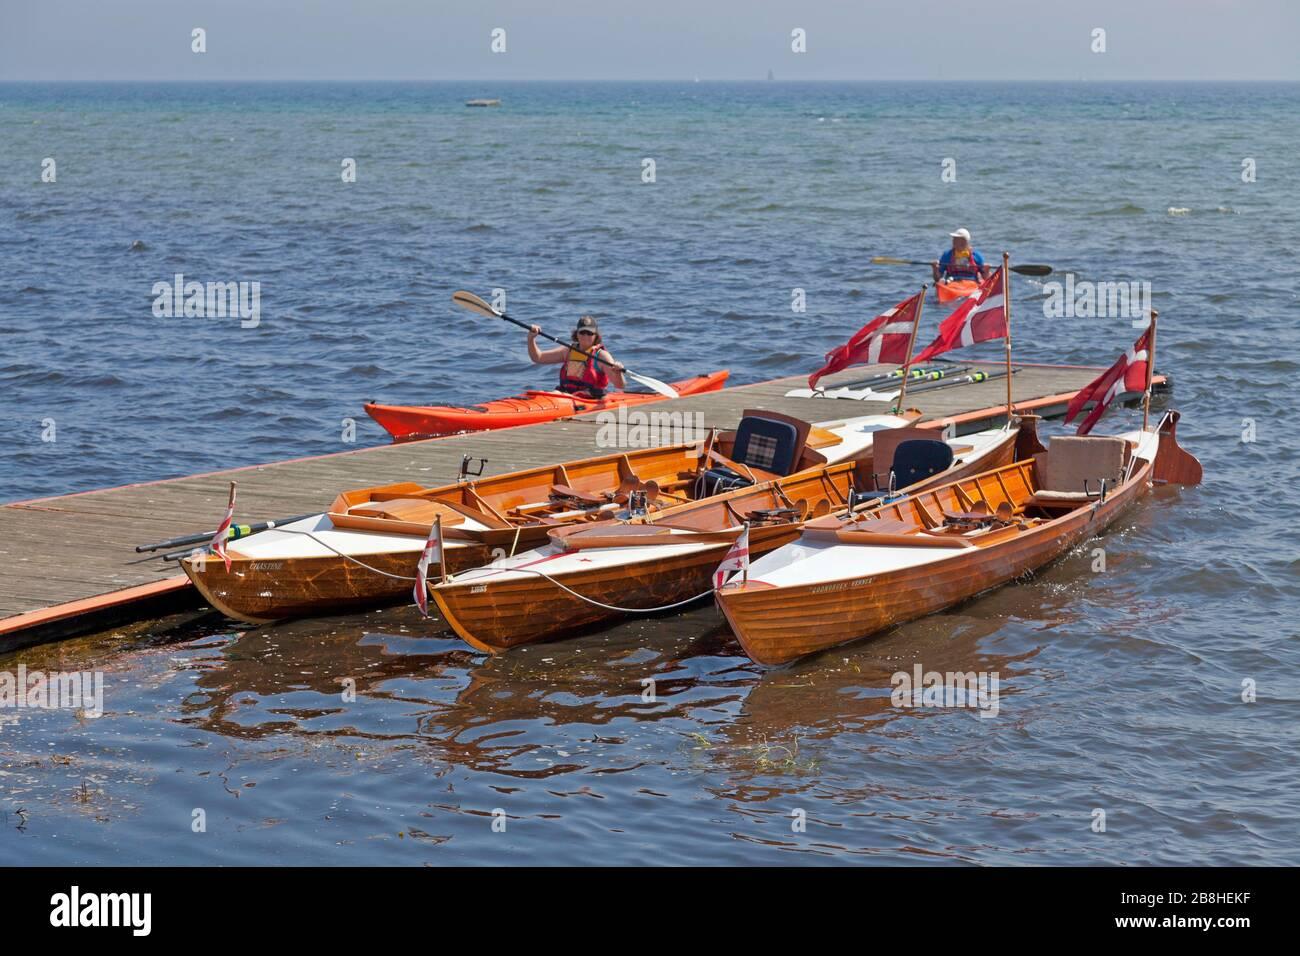 Padders et rameurs de divers clubs d'aviron et de kayak à la jetée du ponton du Rungsted Rowing Club, pendant une journée chaude et ensoleillée d'été. Aviron longue distance. Banque D'Images